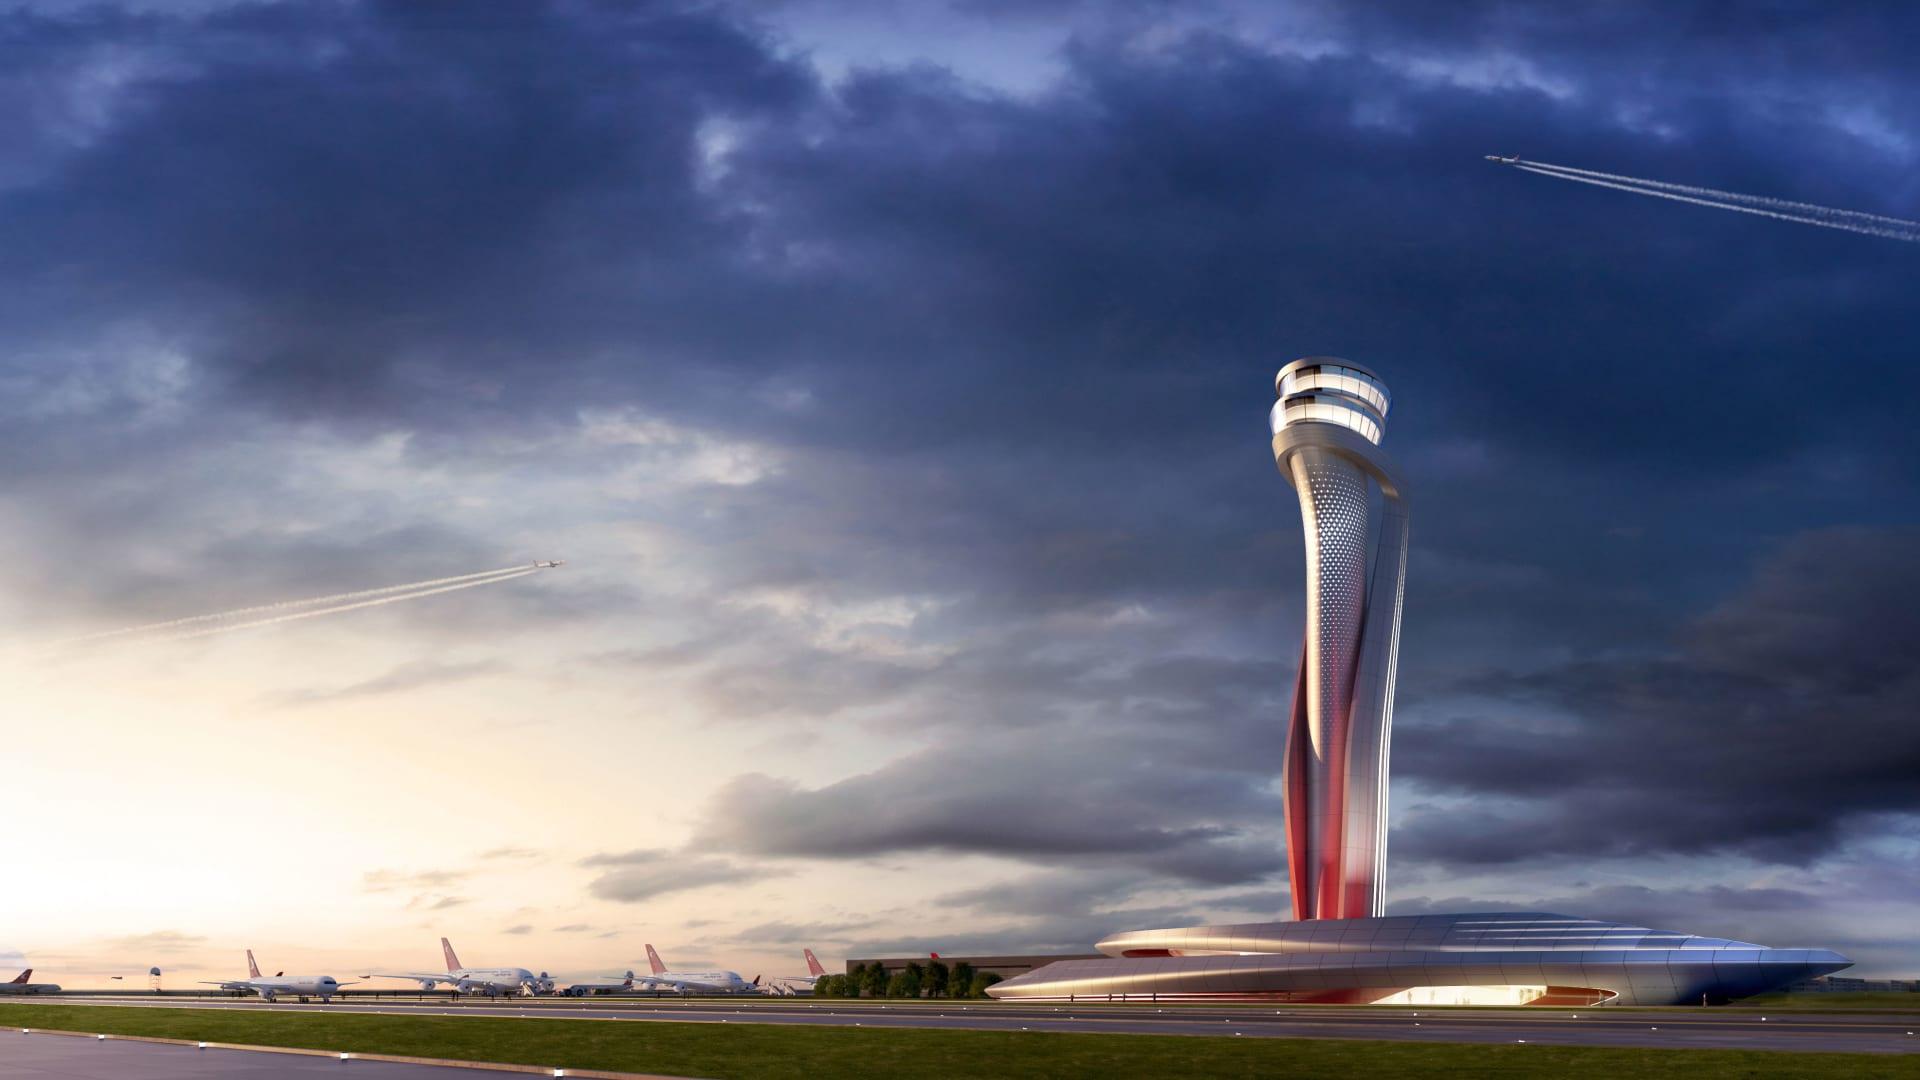 يطمح مطار اسطنبول للاستفادة من موقع تركيا على خريطة العالم، برحلات مغادرة إلى كل مكان من شنغهاي إلى نيويورك.